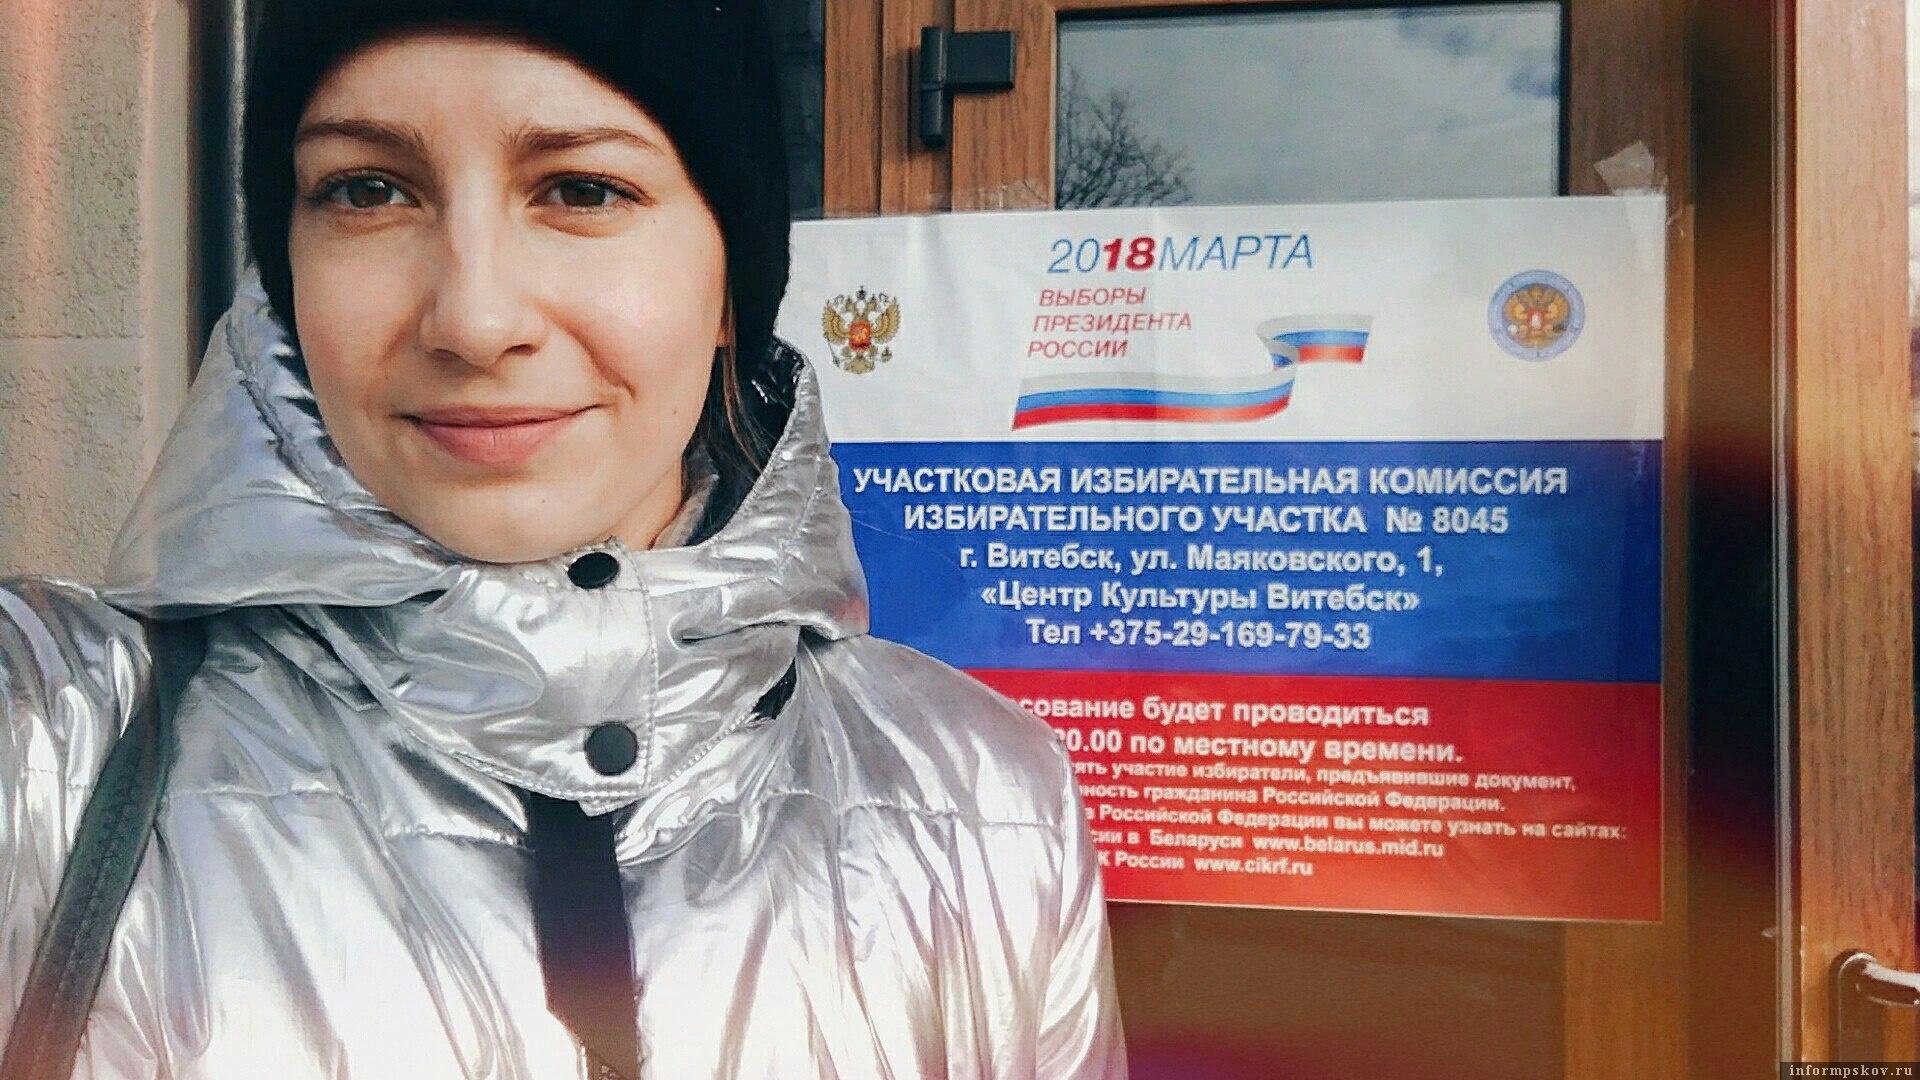 Анастасия Мордашкина